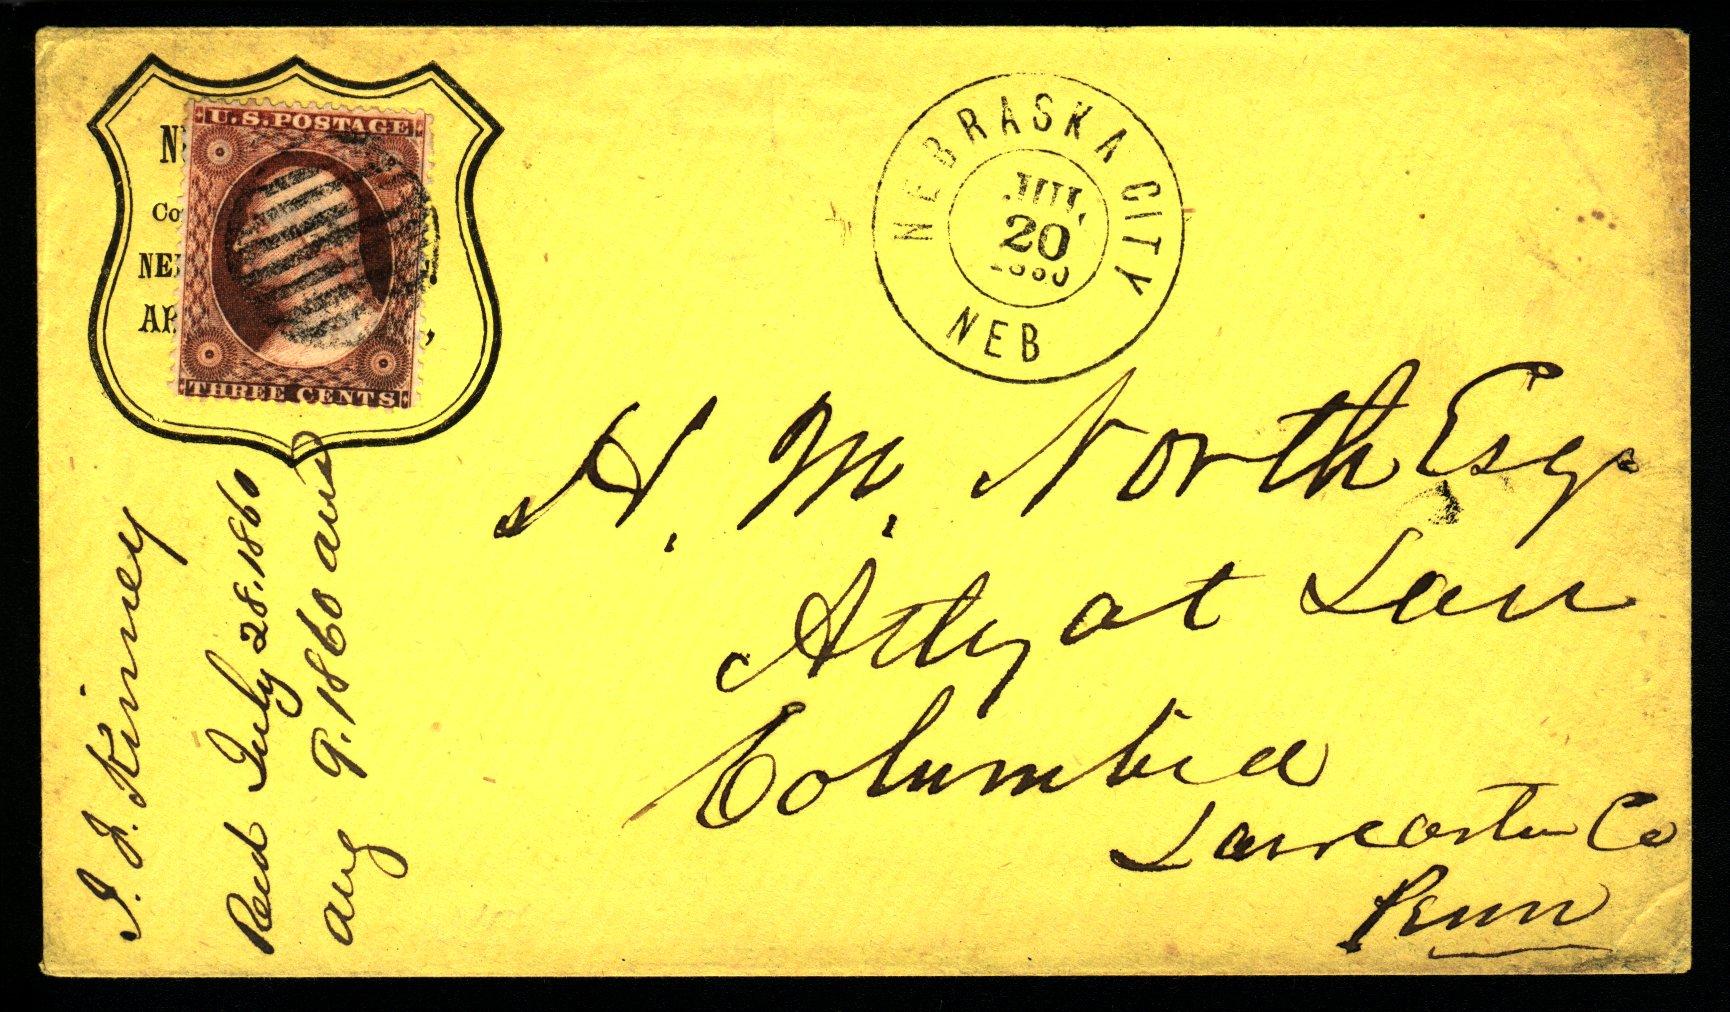 NebraskaCity 1860 07 20